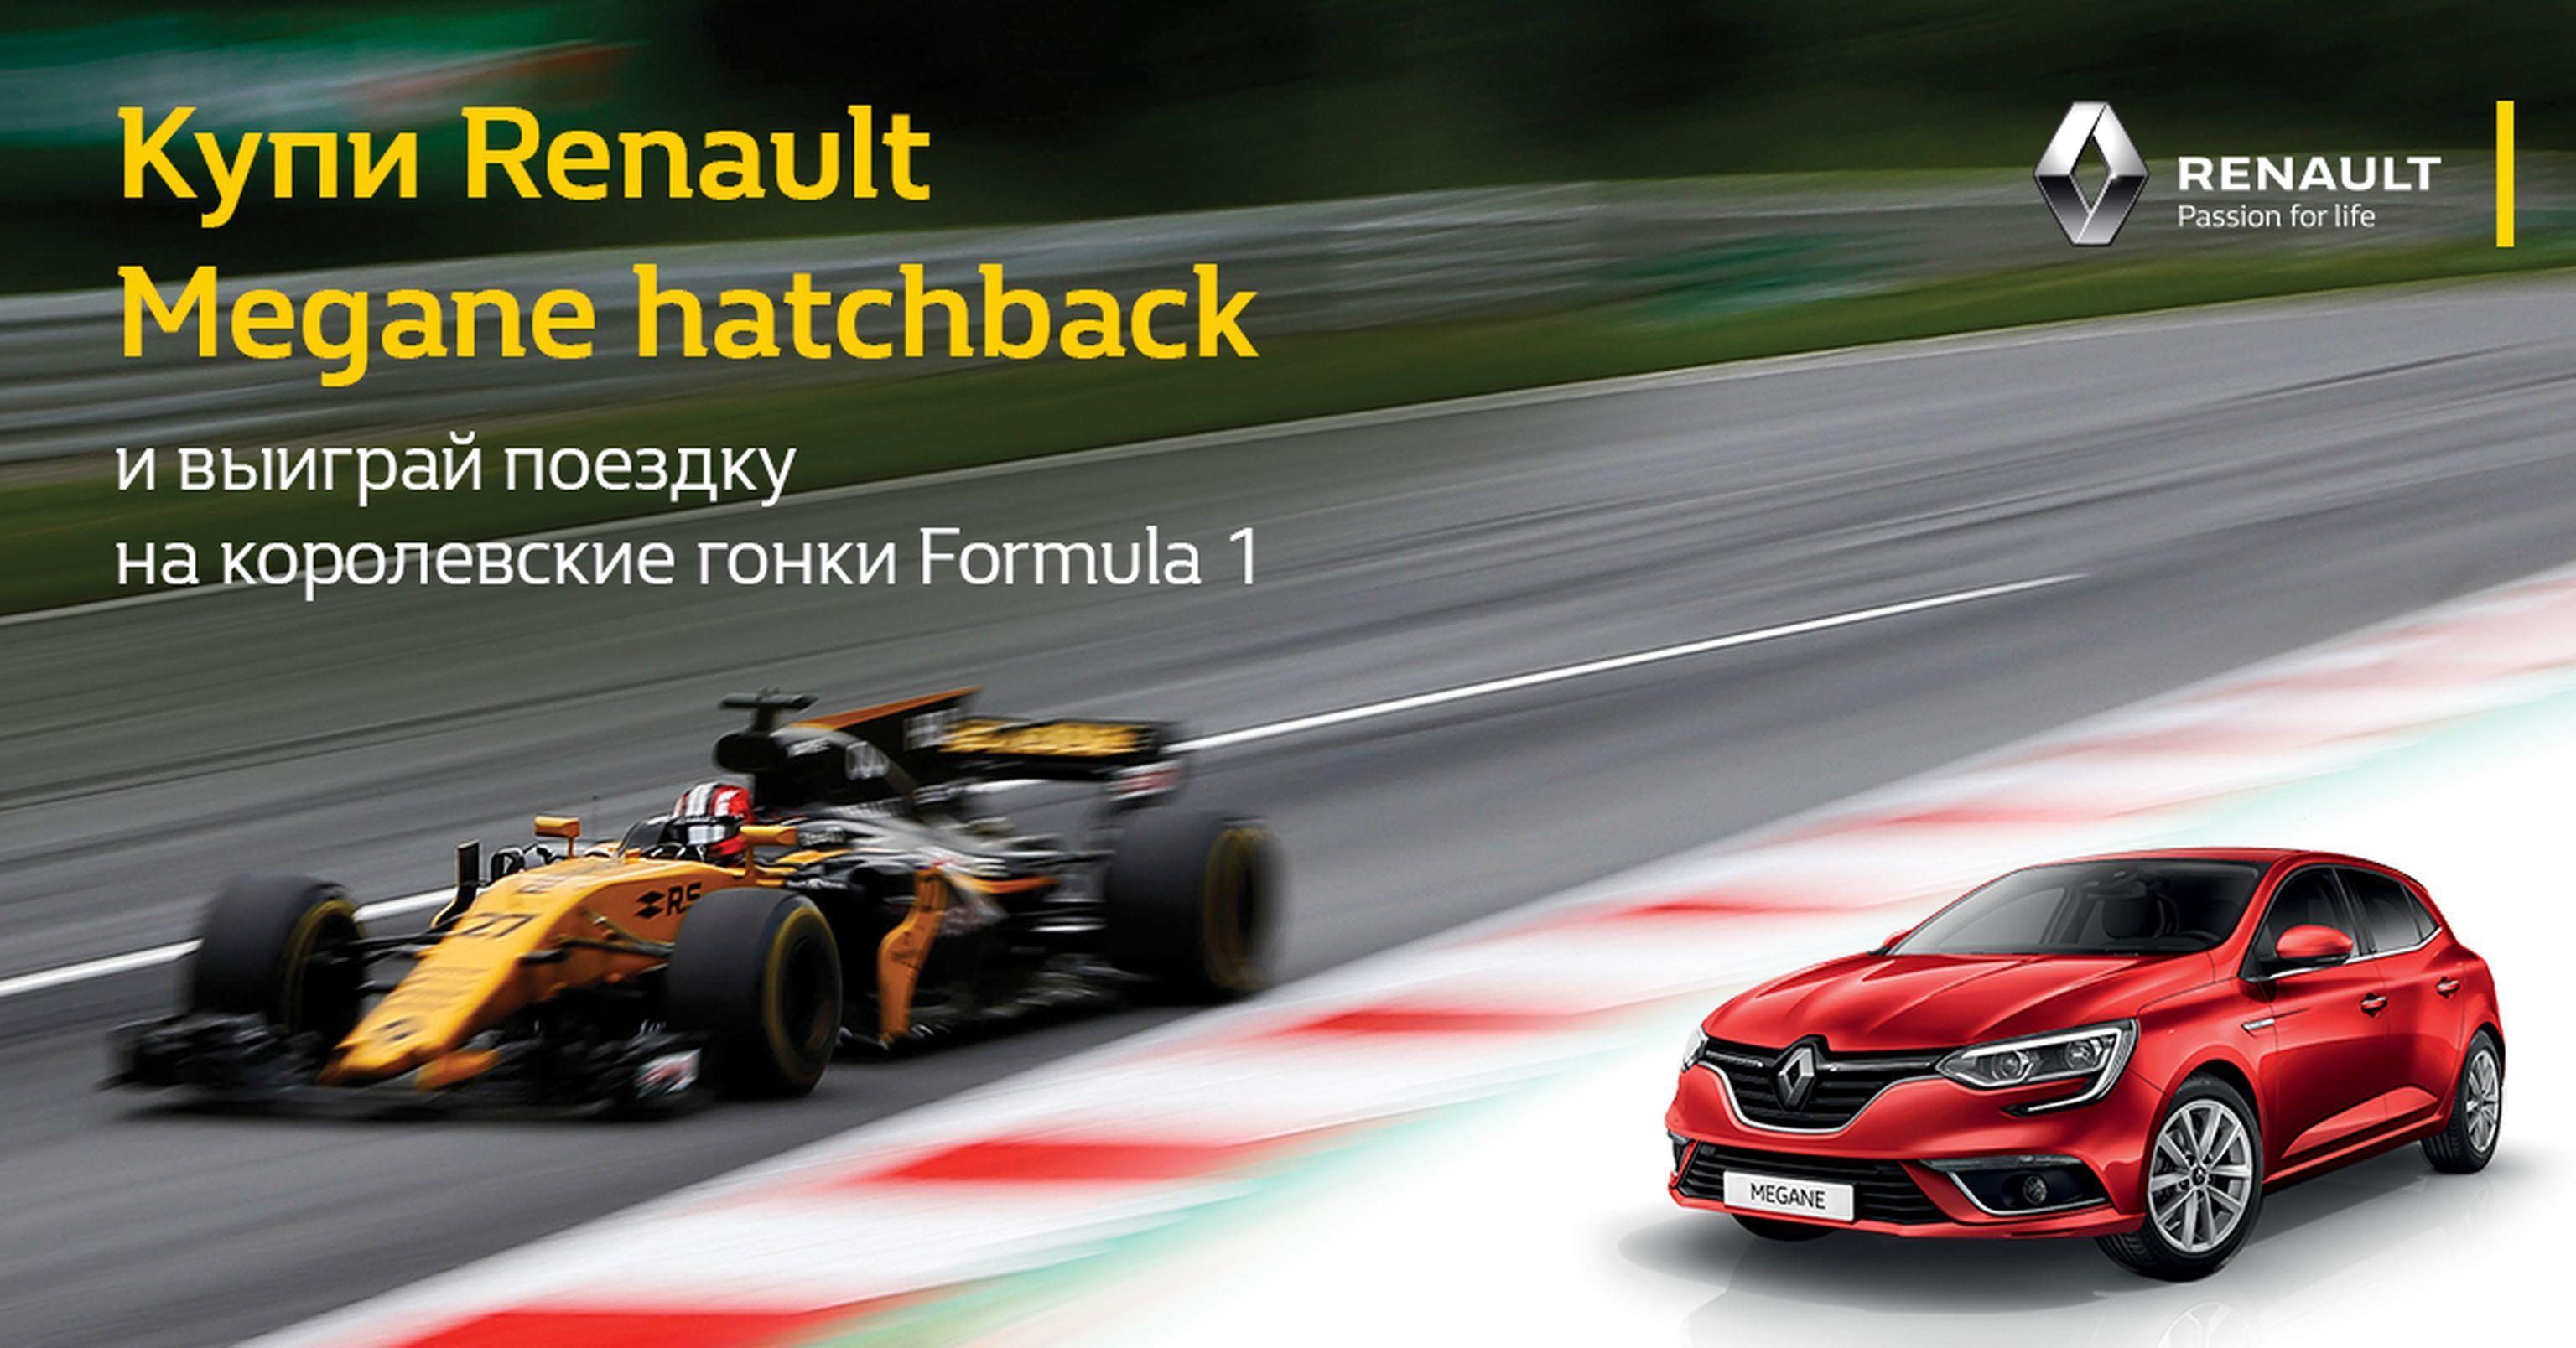 Почувствуй драйв «Formula-1» вместе с Renault